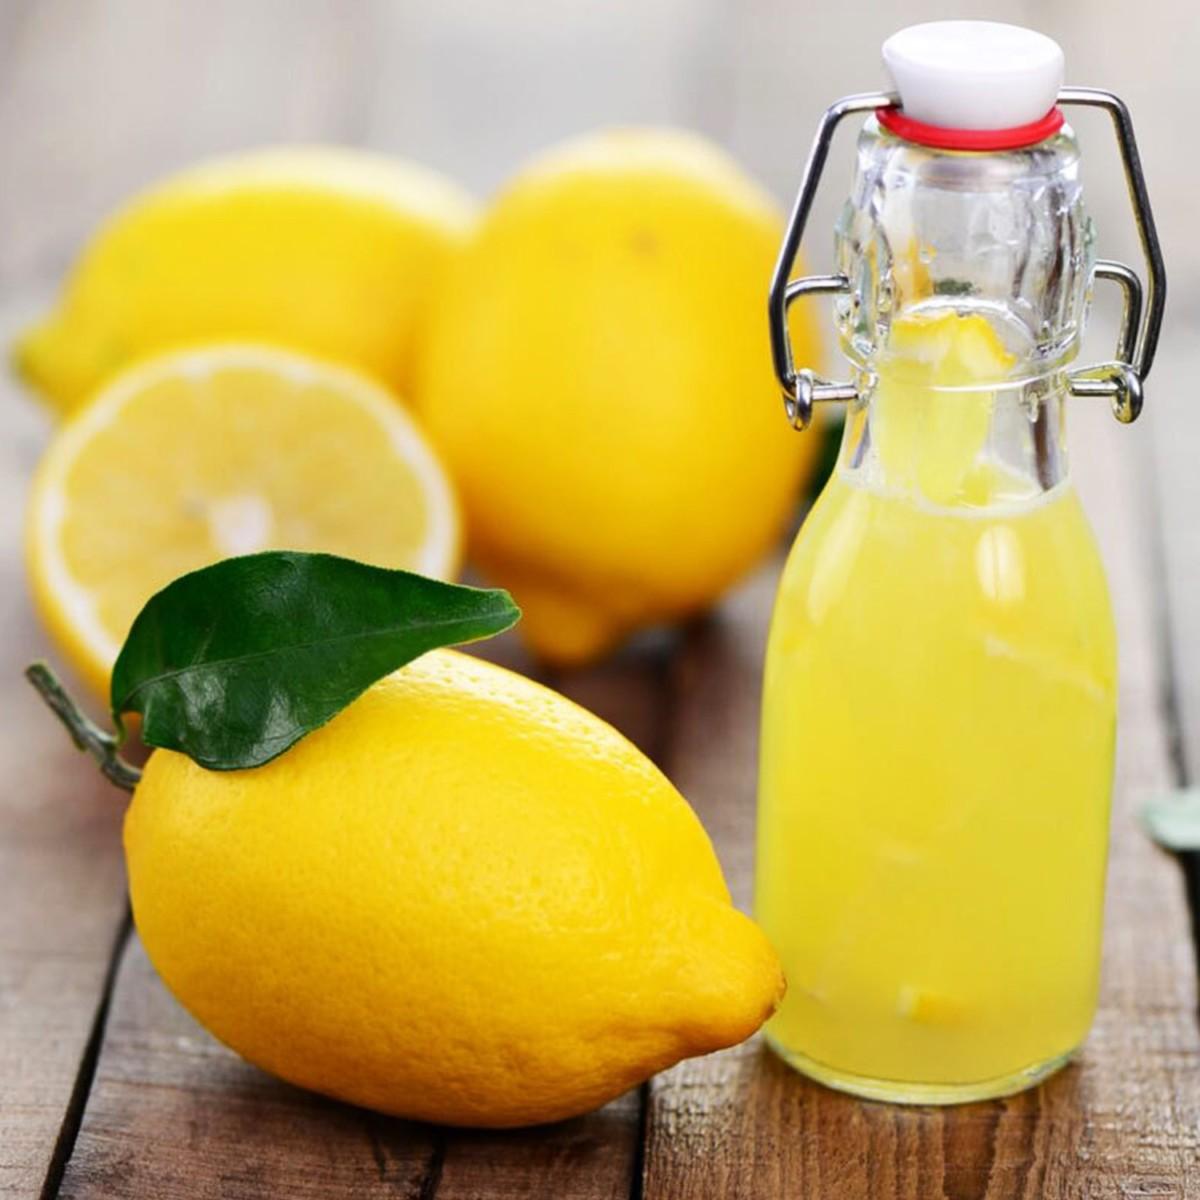 Lemon Juice Concentrates